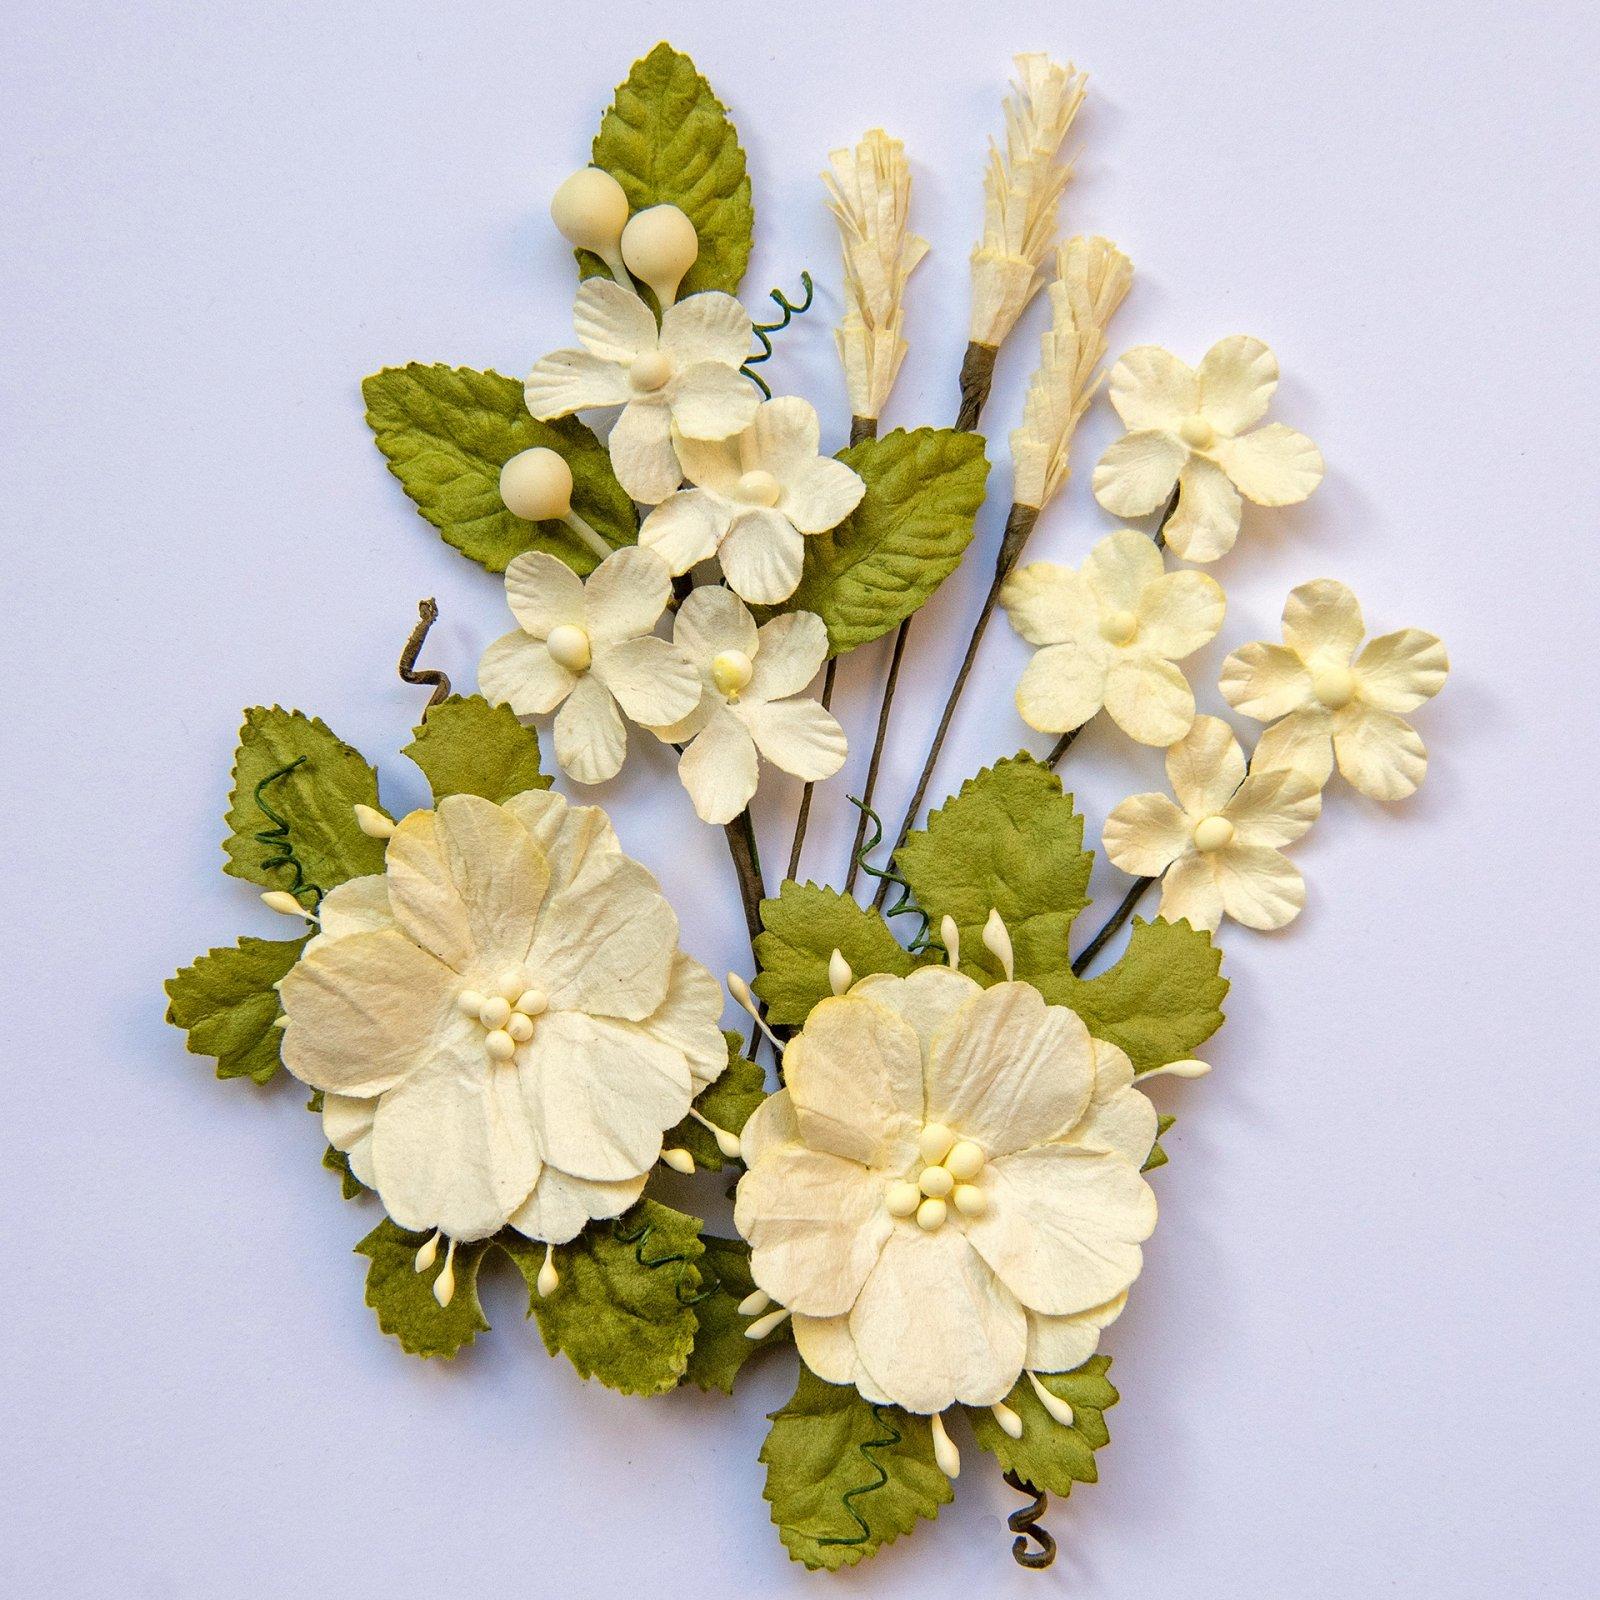 49th & Market - Wildflower - Cream